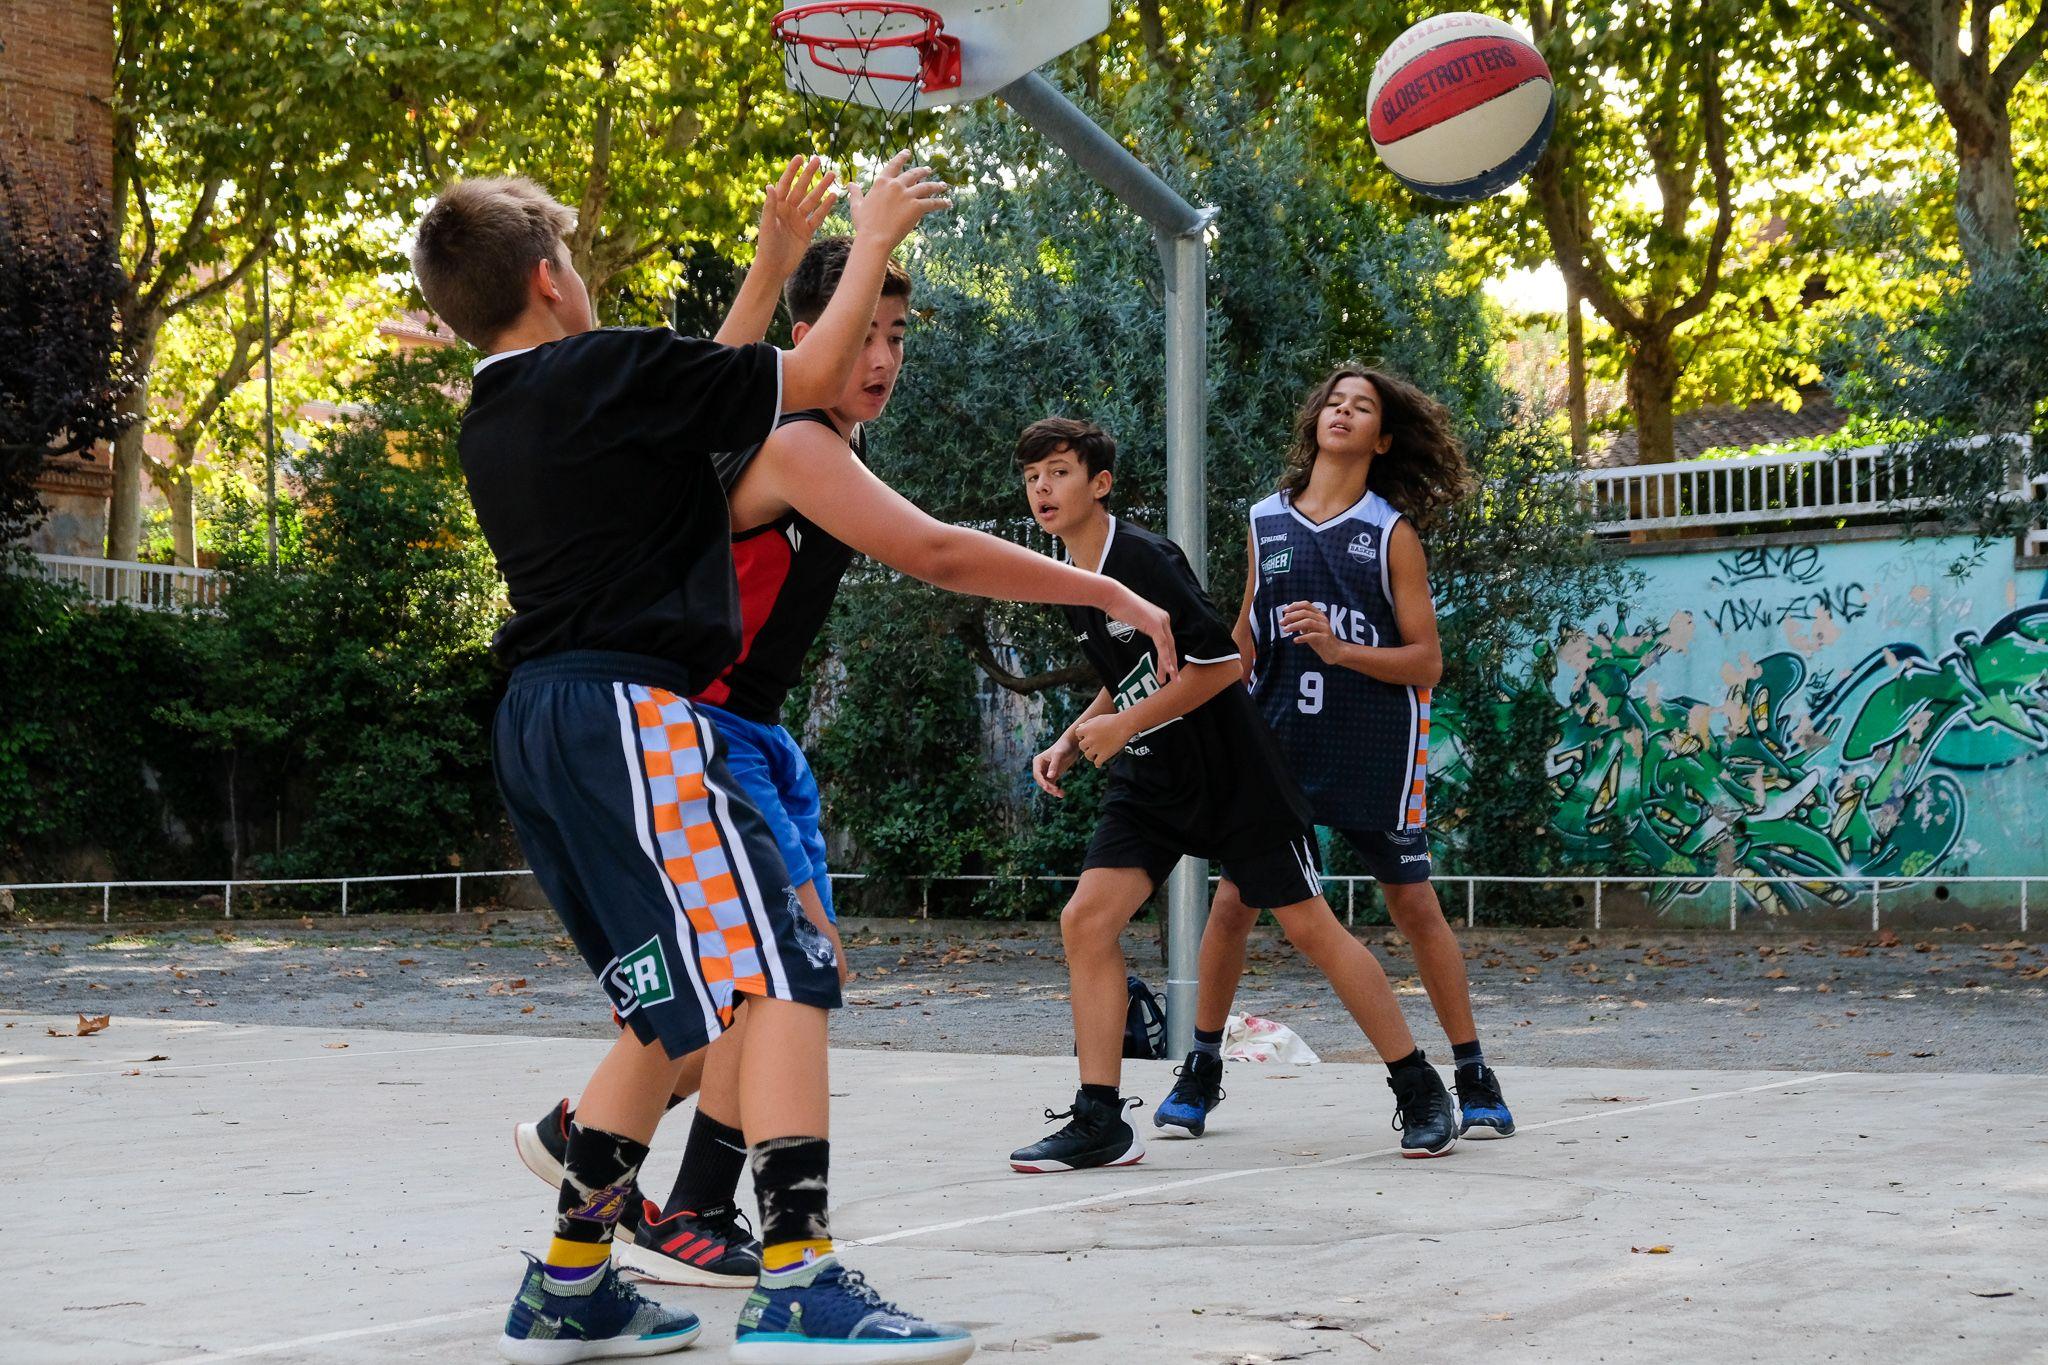 Un partit de streetbasket 3x3 al costat de l'església. Foto: Ale Gómez